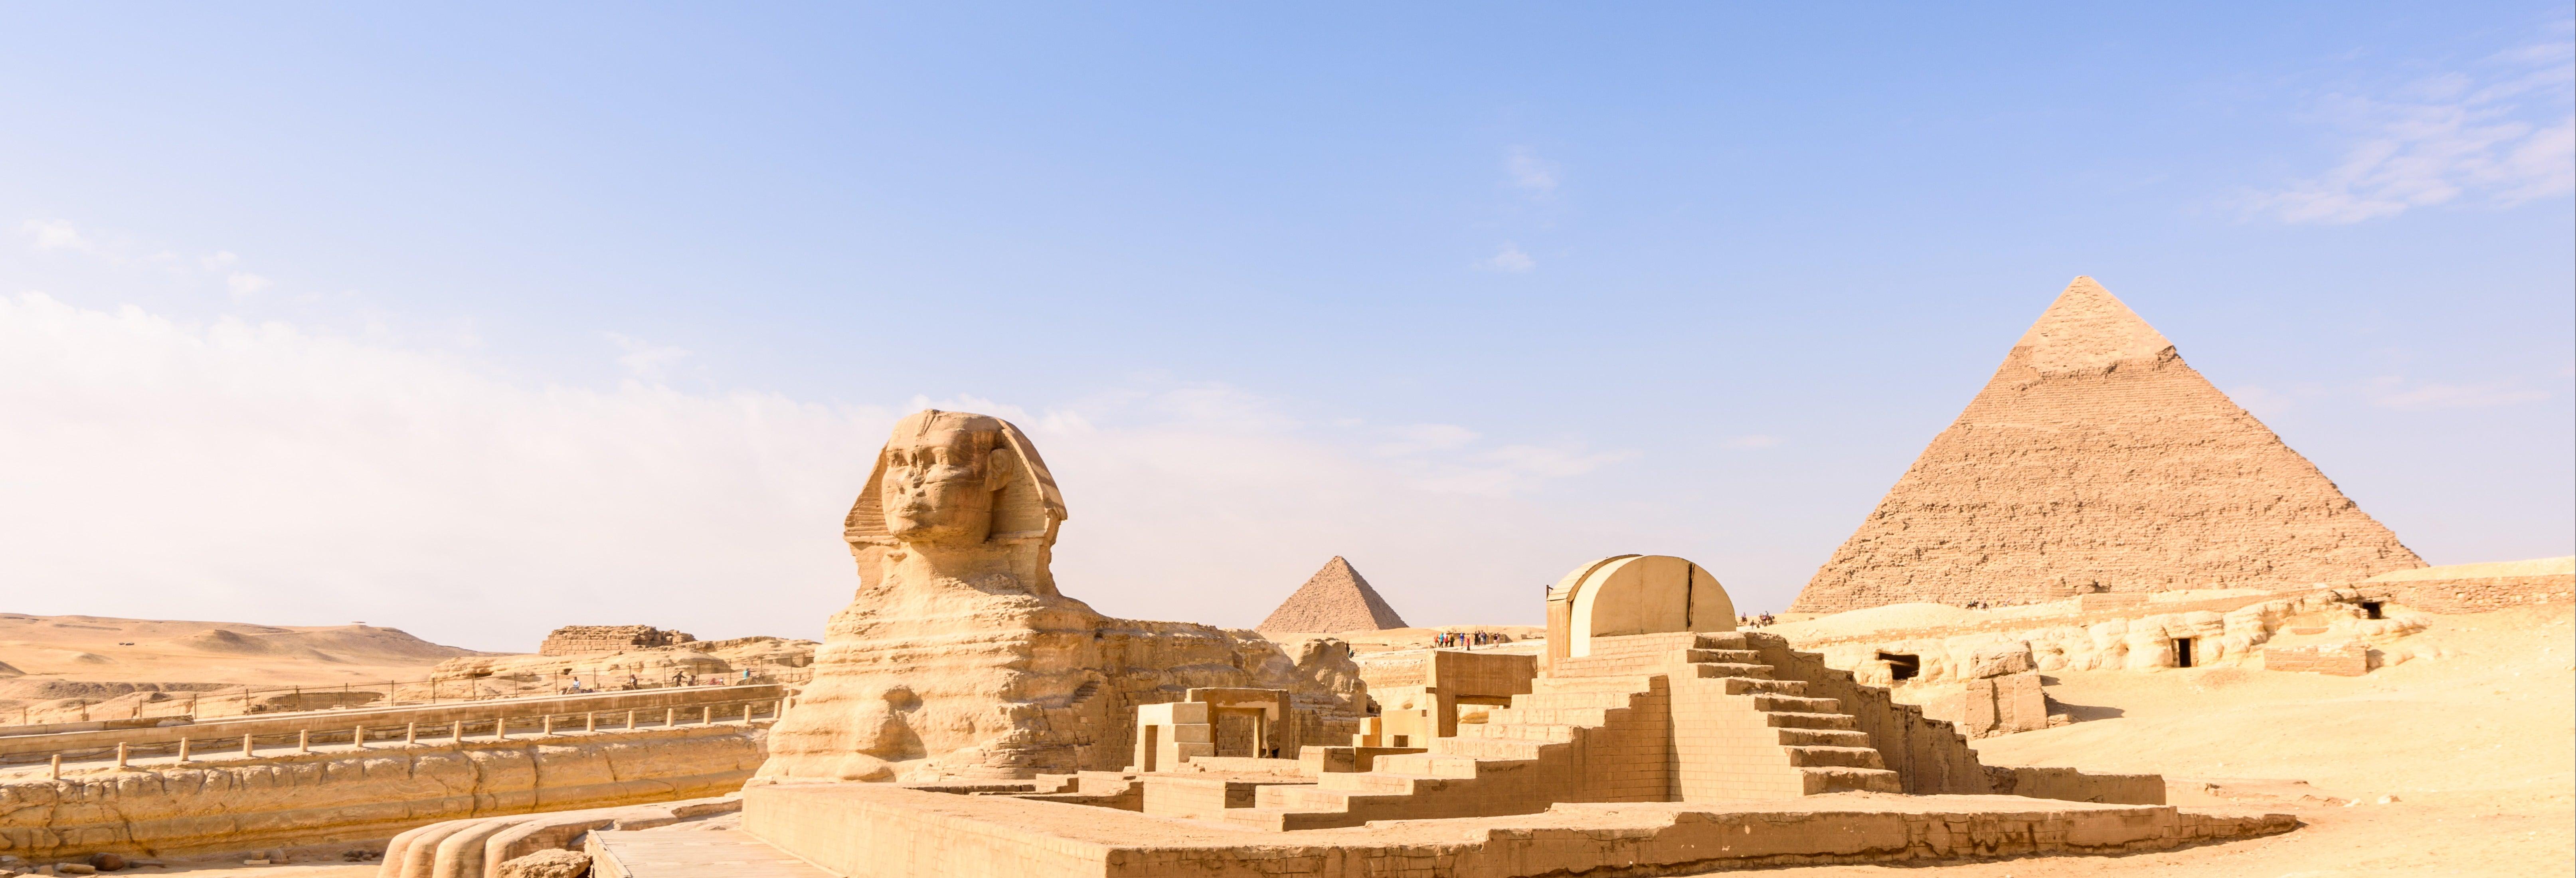 Egipto al completo + Lago Nasser y Mar Rojo, 15 días todo incluido